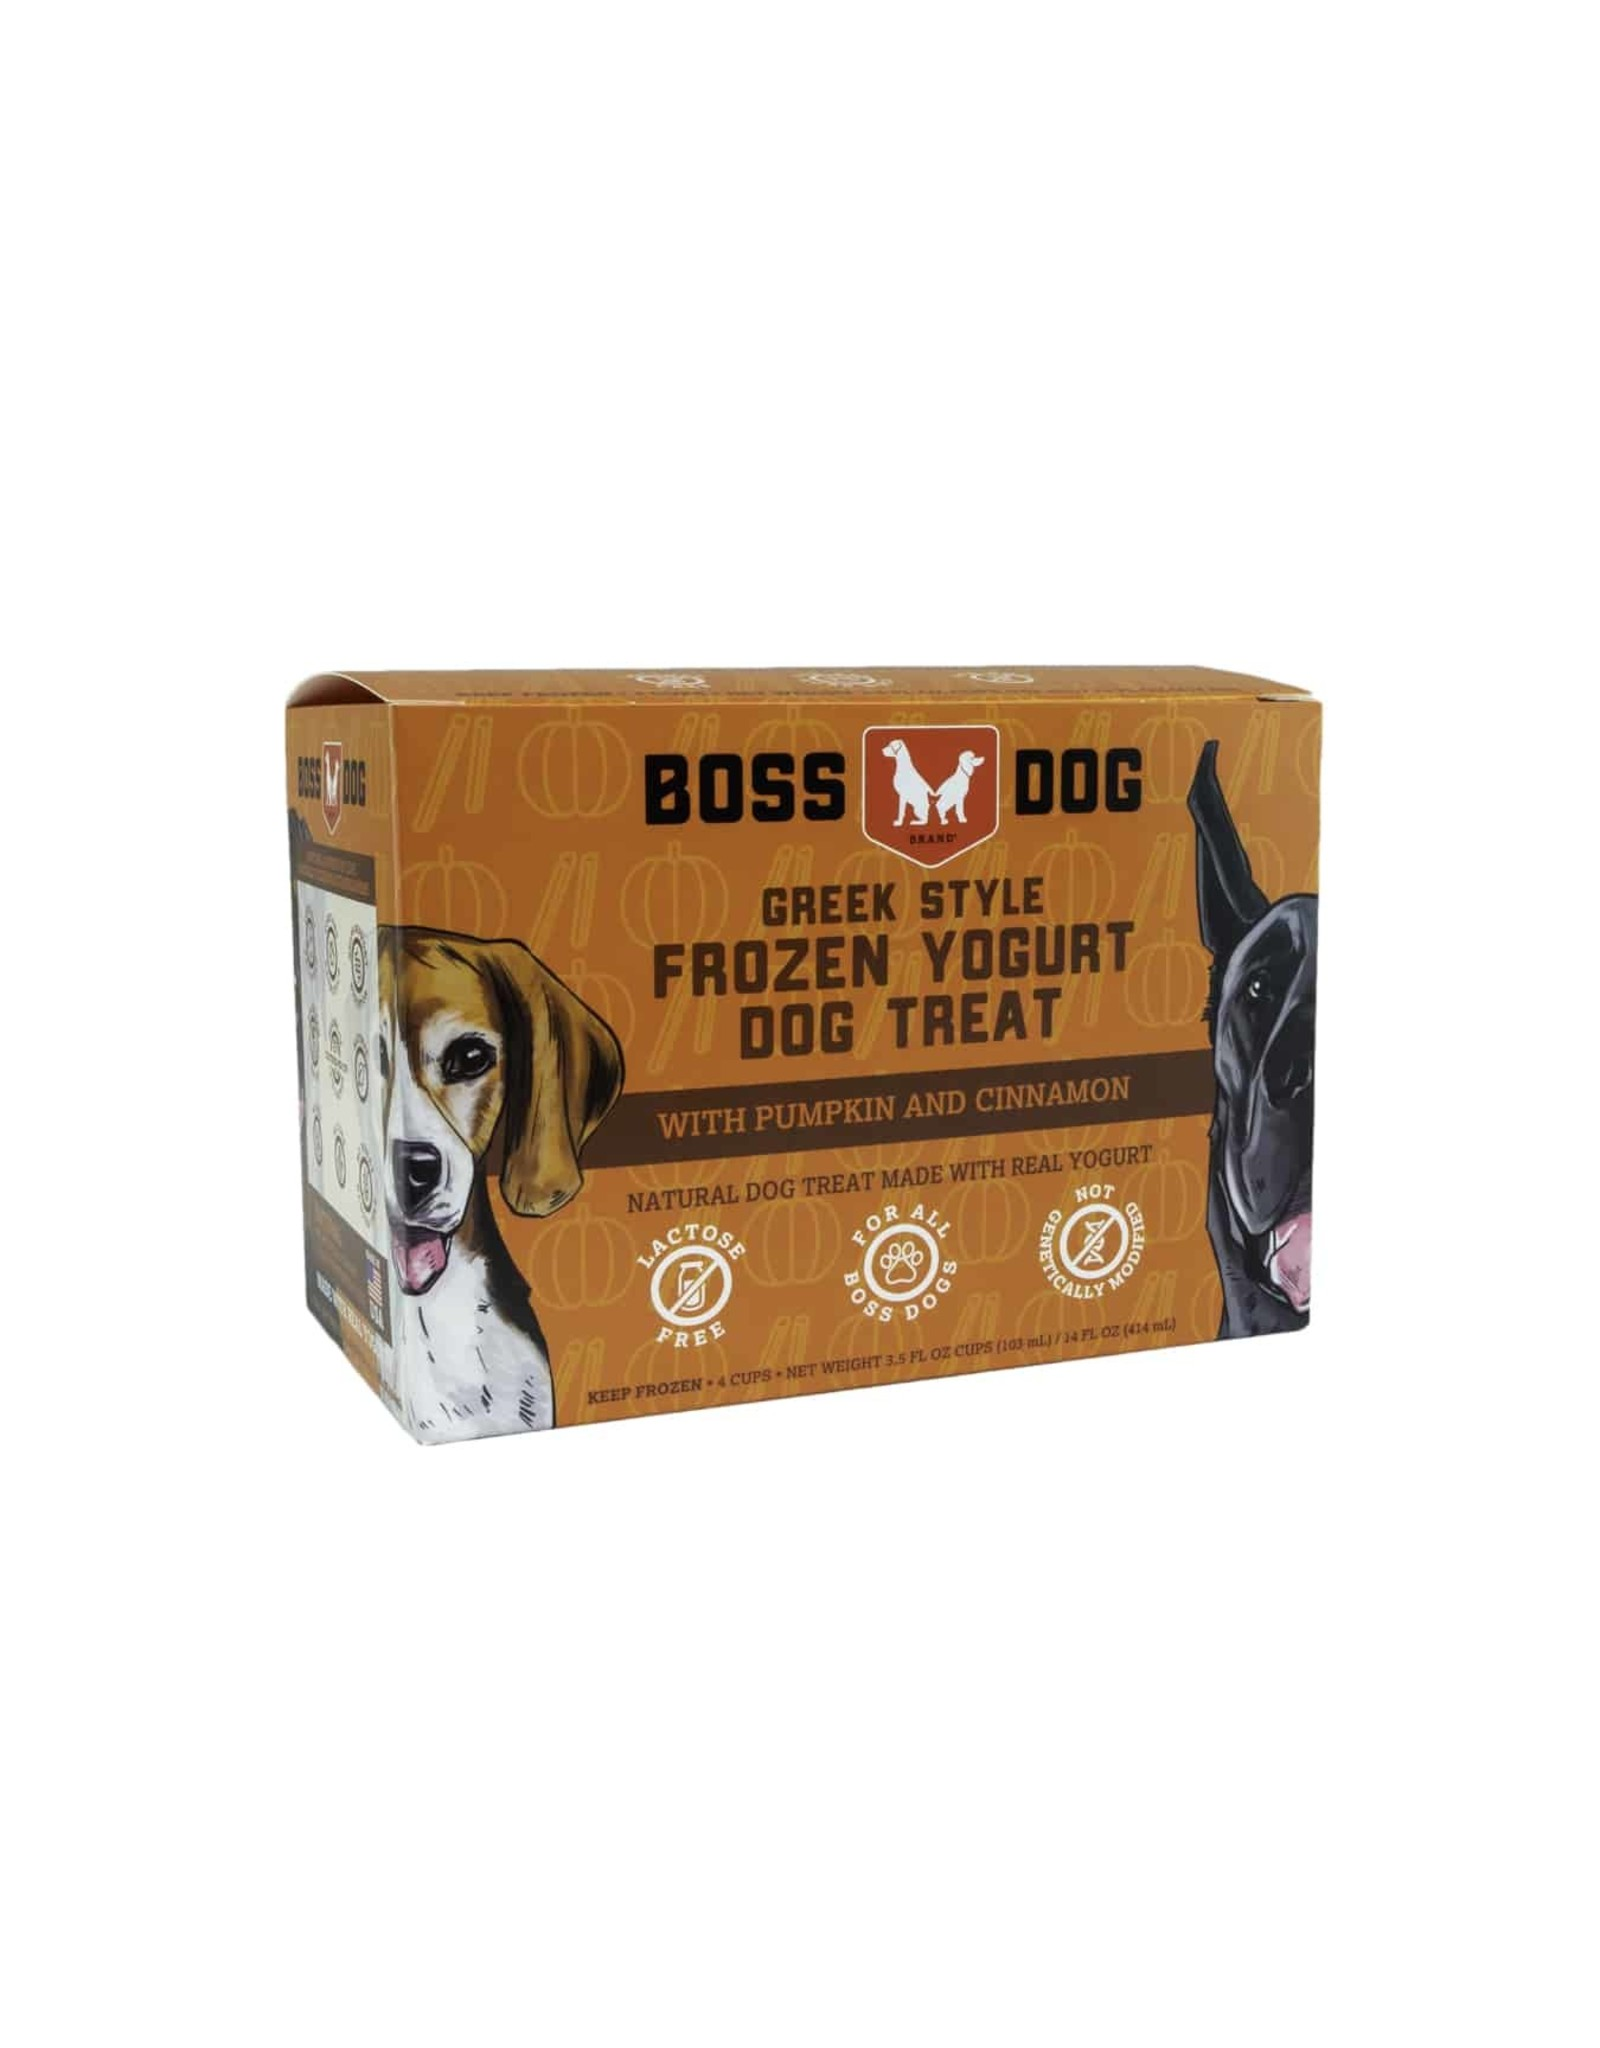 Boss Dog Boss Dog - 4 PACK - Frozen Yogurt - Pumpkin & Cinnamon 3.5oz